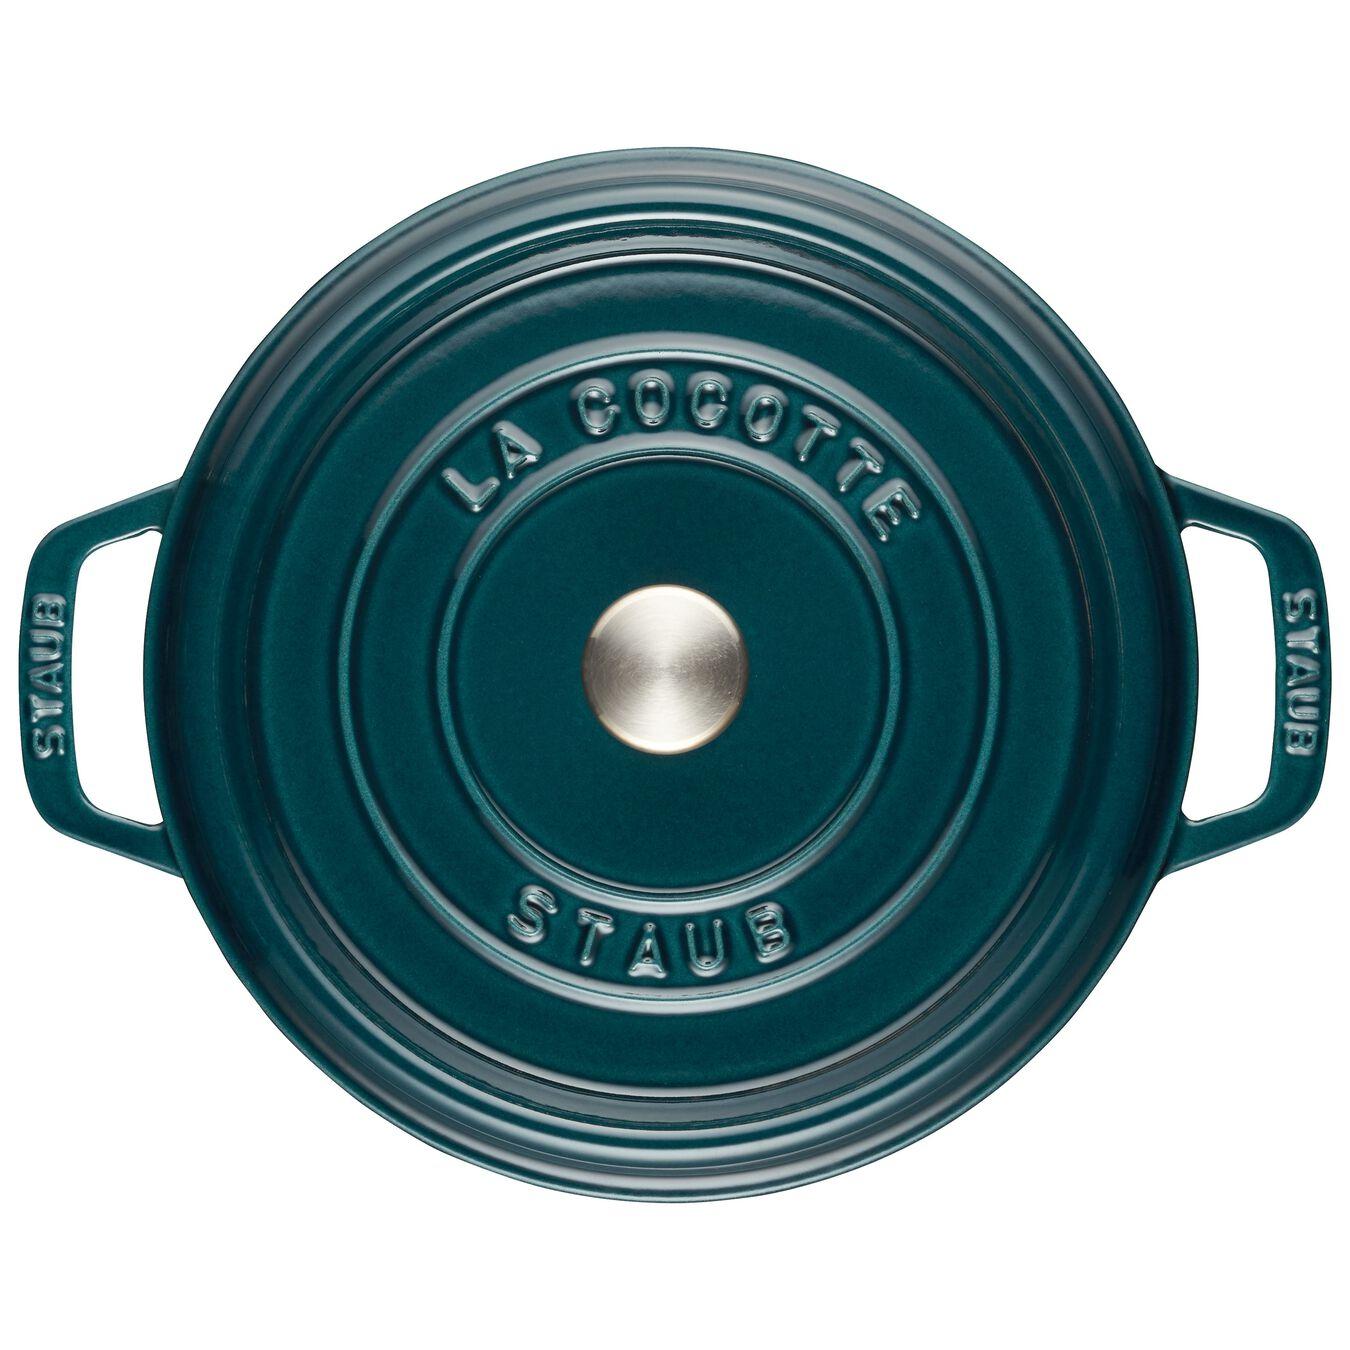 Cocotte en fonte 24 cm / 3,8 l, Rond, Blue La-Mer,,large 4